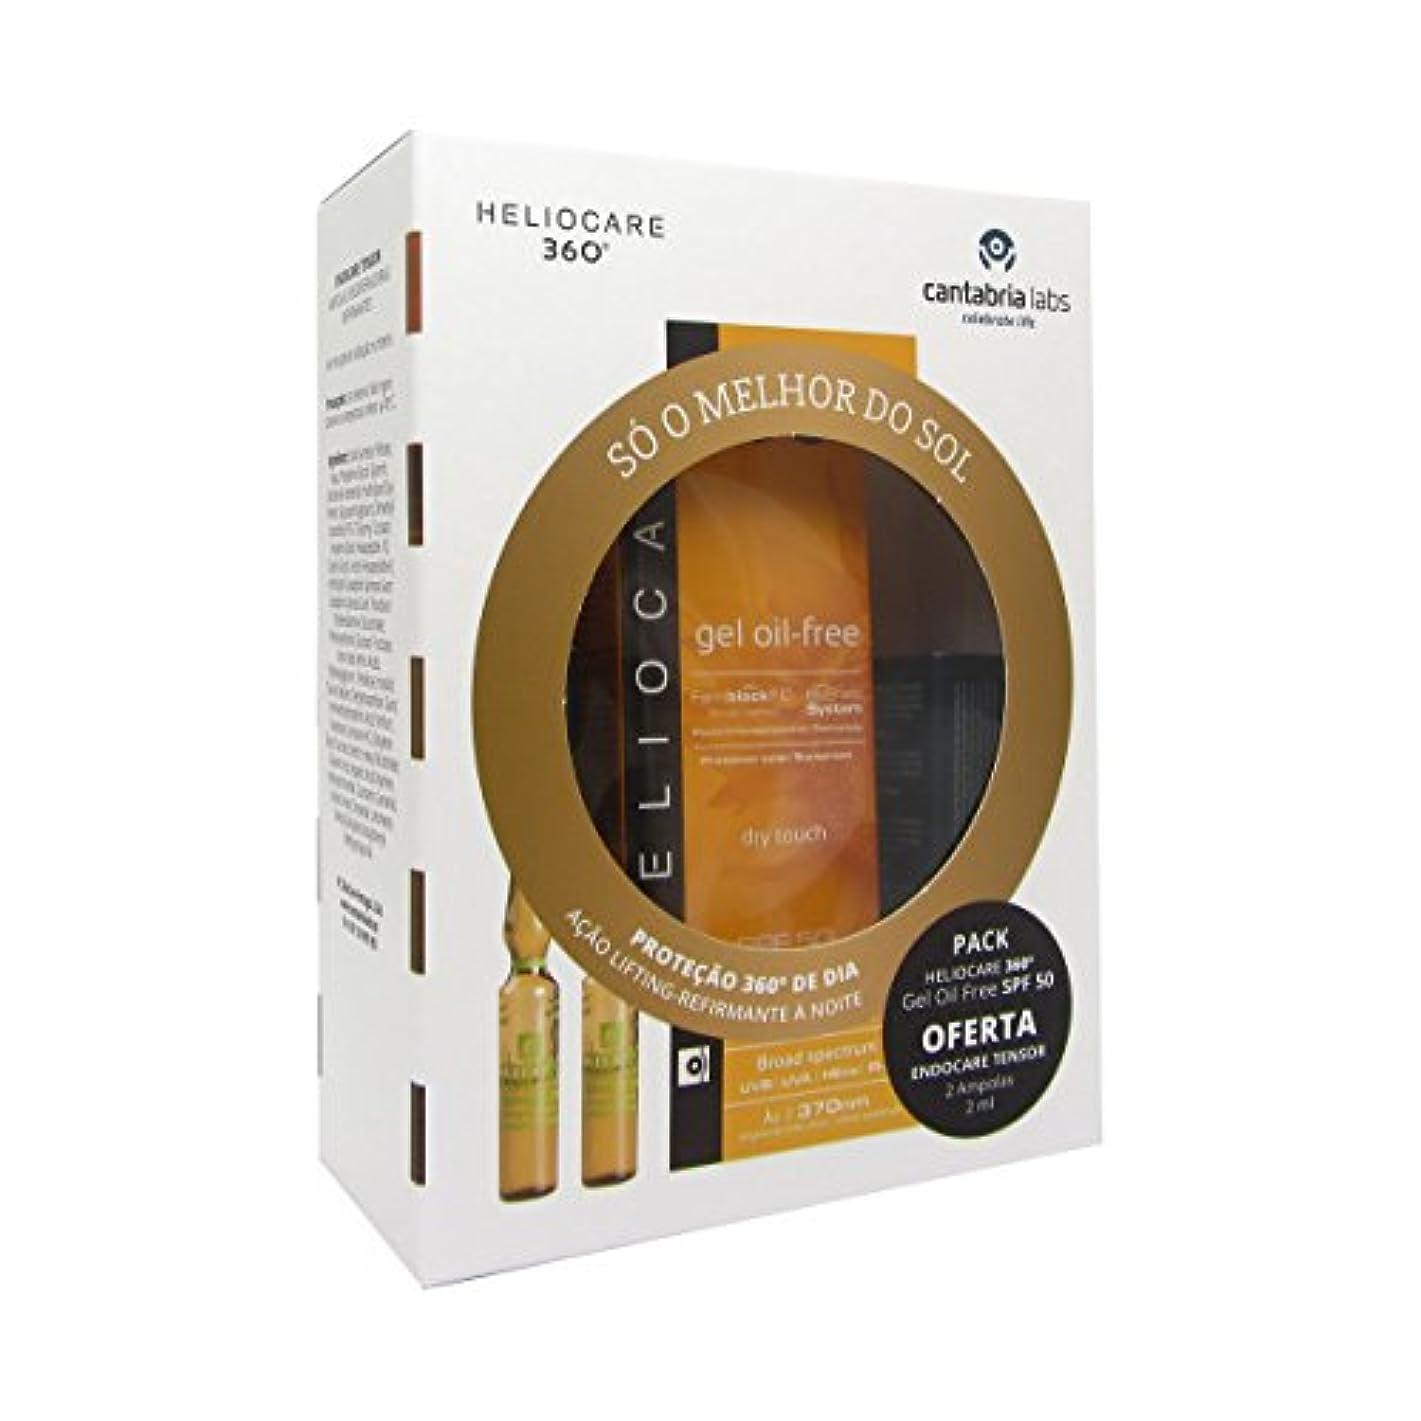 抗議の量便利さHeliocare 360 Gel Oil Free Spf50 50ml + Endocare Tensor Ampoules2x2ml [並行輸入品]